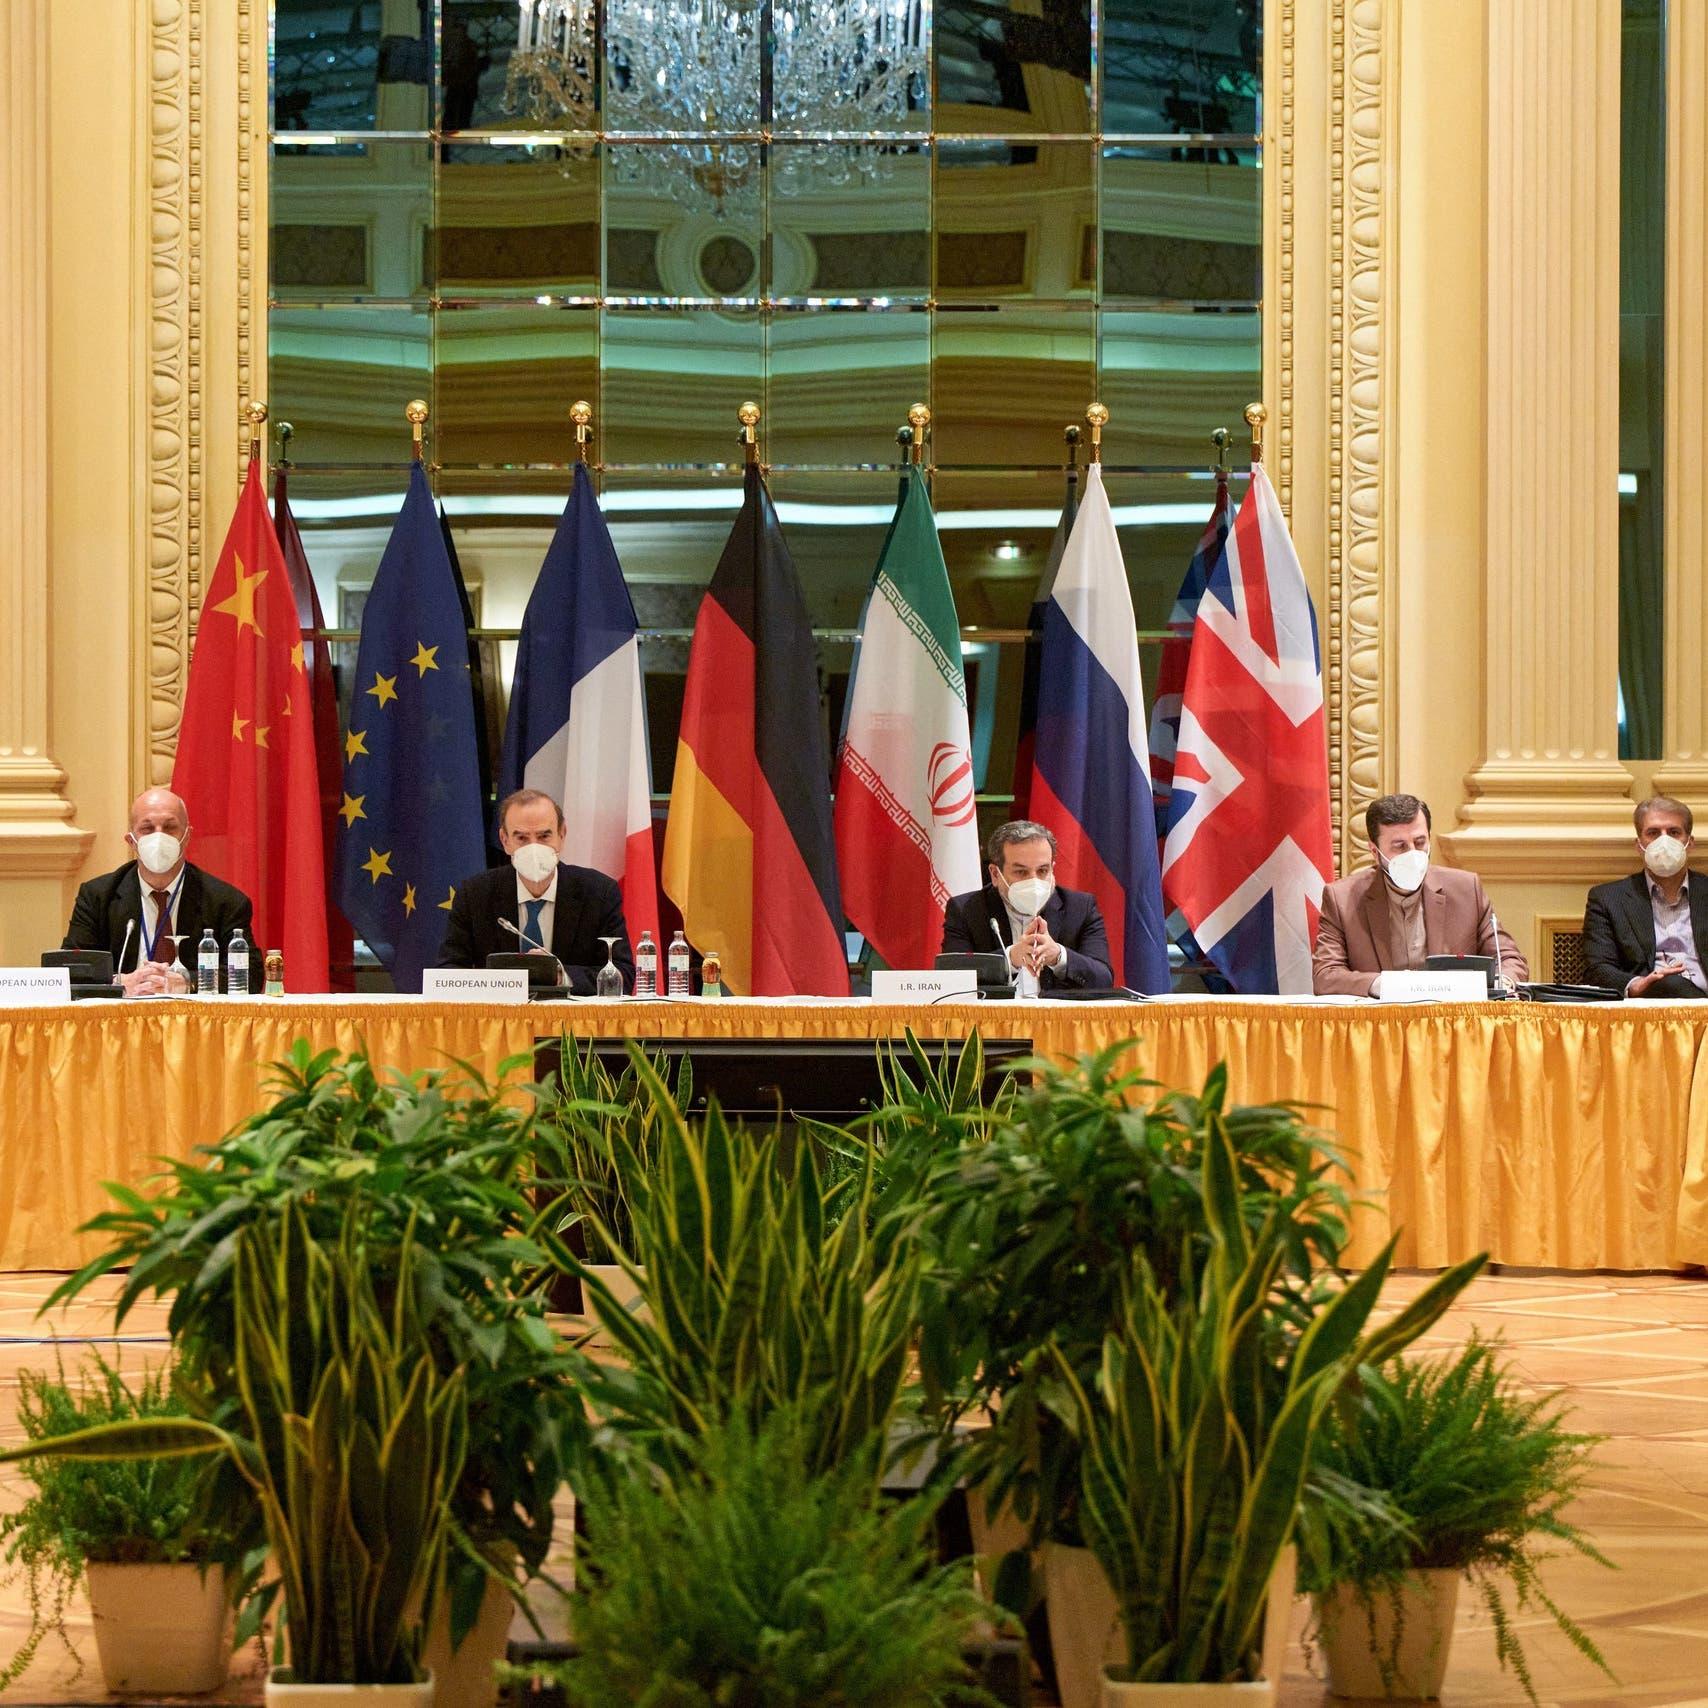 إيران: سنقبل نتائج محادثات فيينا شرط رفع كامل للعقوبات